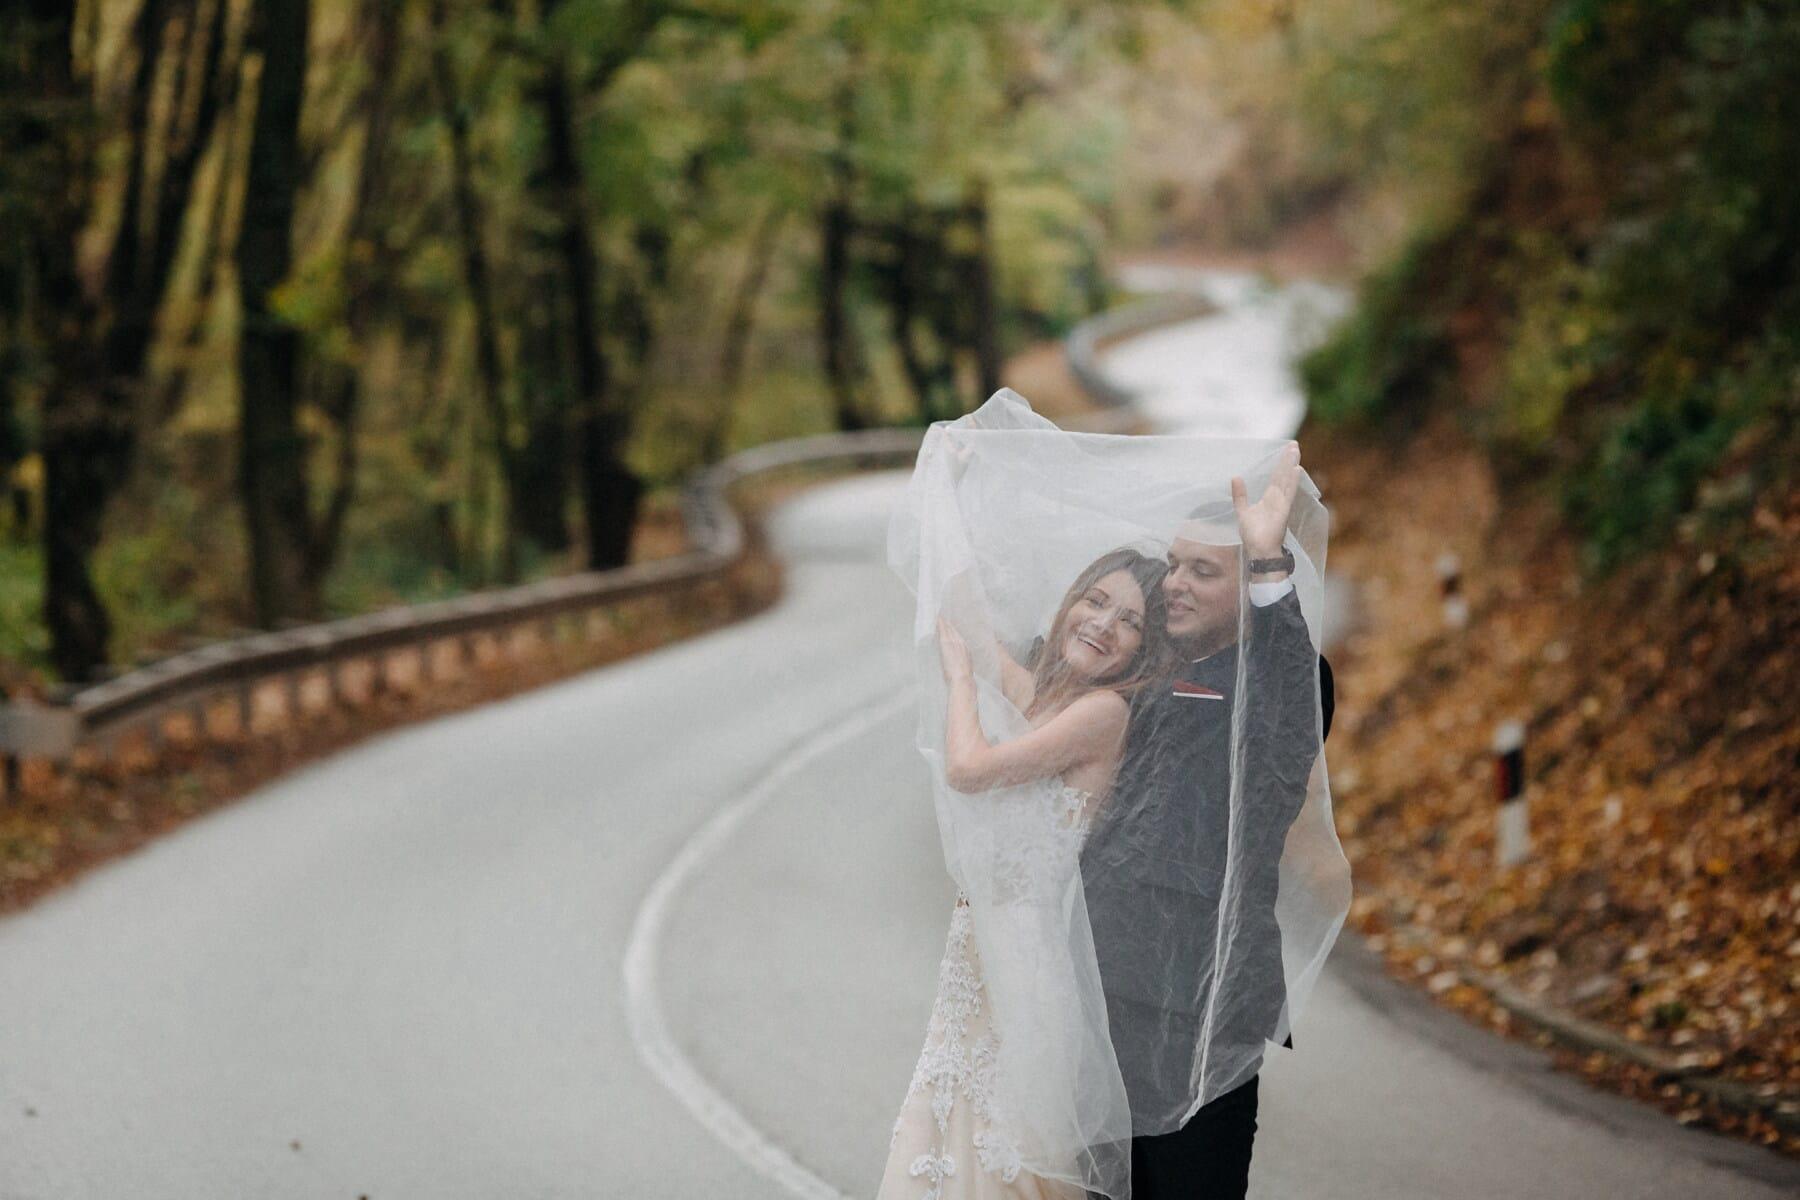 Hügel, Abfahrt, frisch verheiratet, Braut, Bräutigam, Hochzeit, im freien, Natur, Frau, Liebe